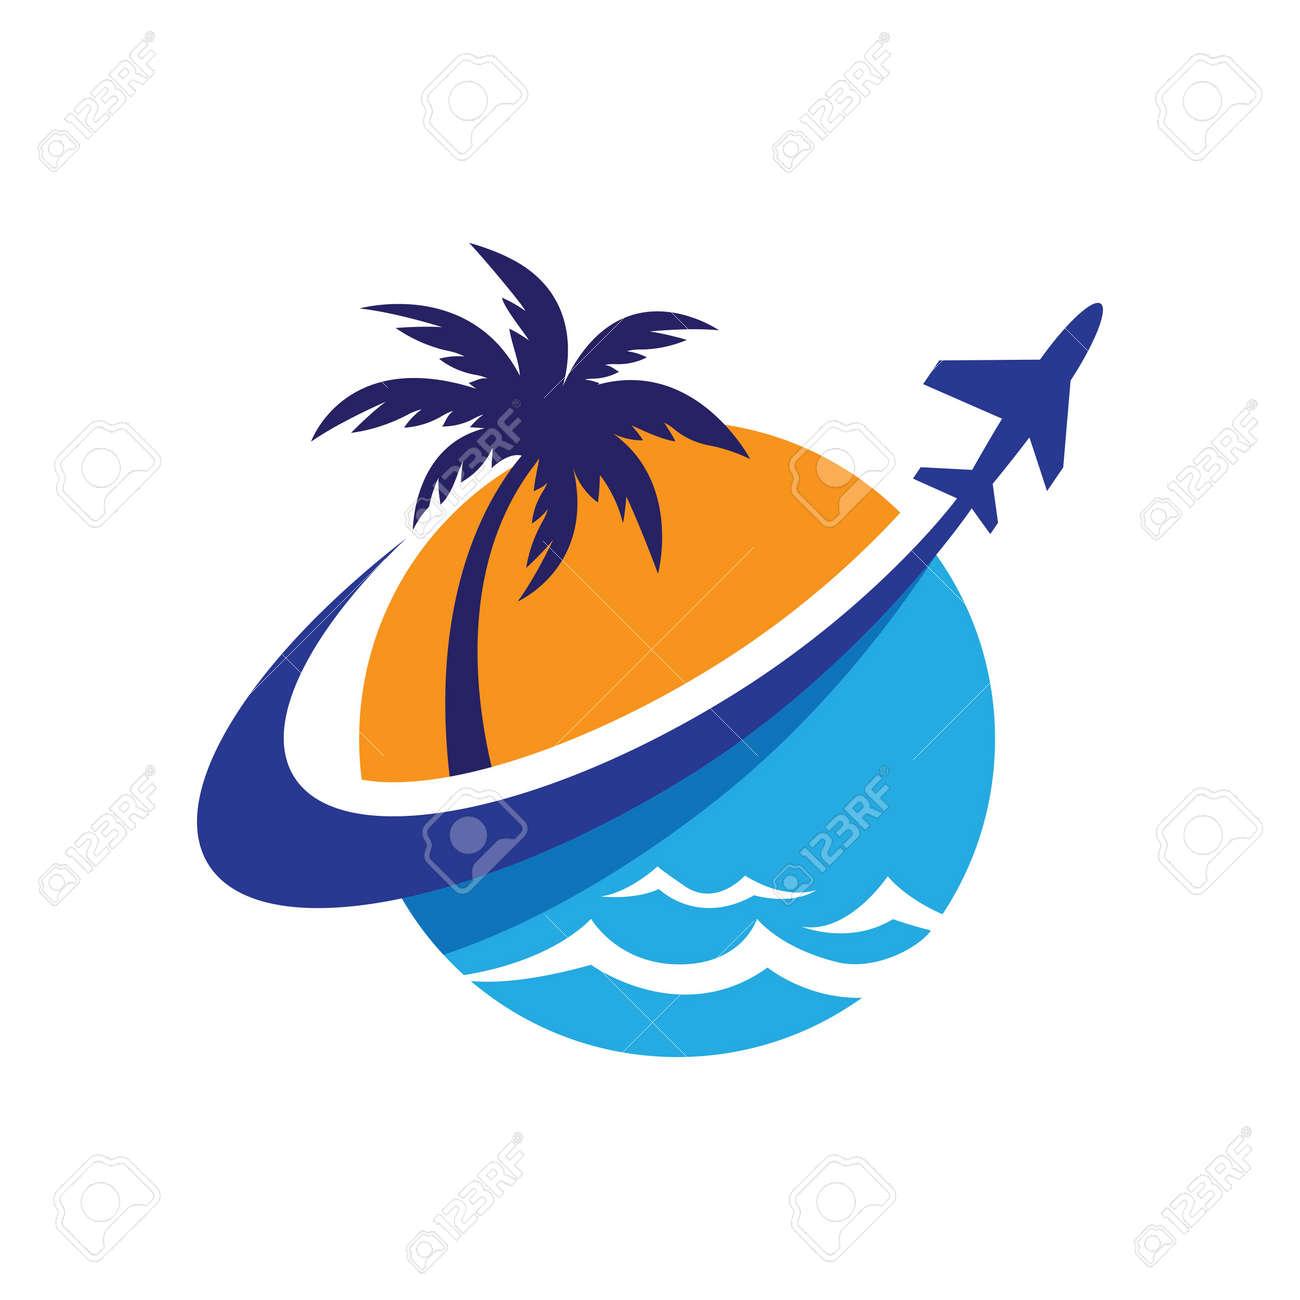 Travel logo images illustration design - 173289141